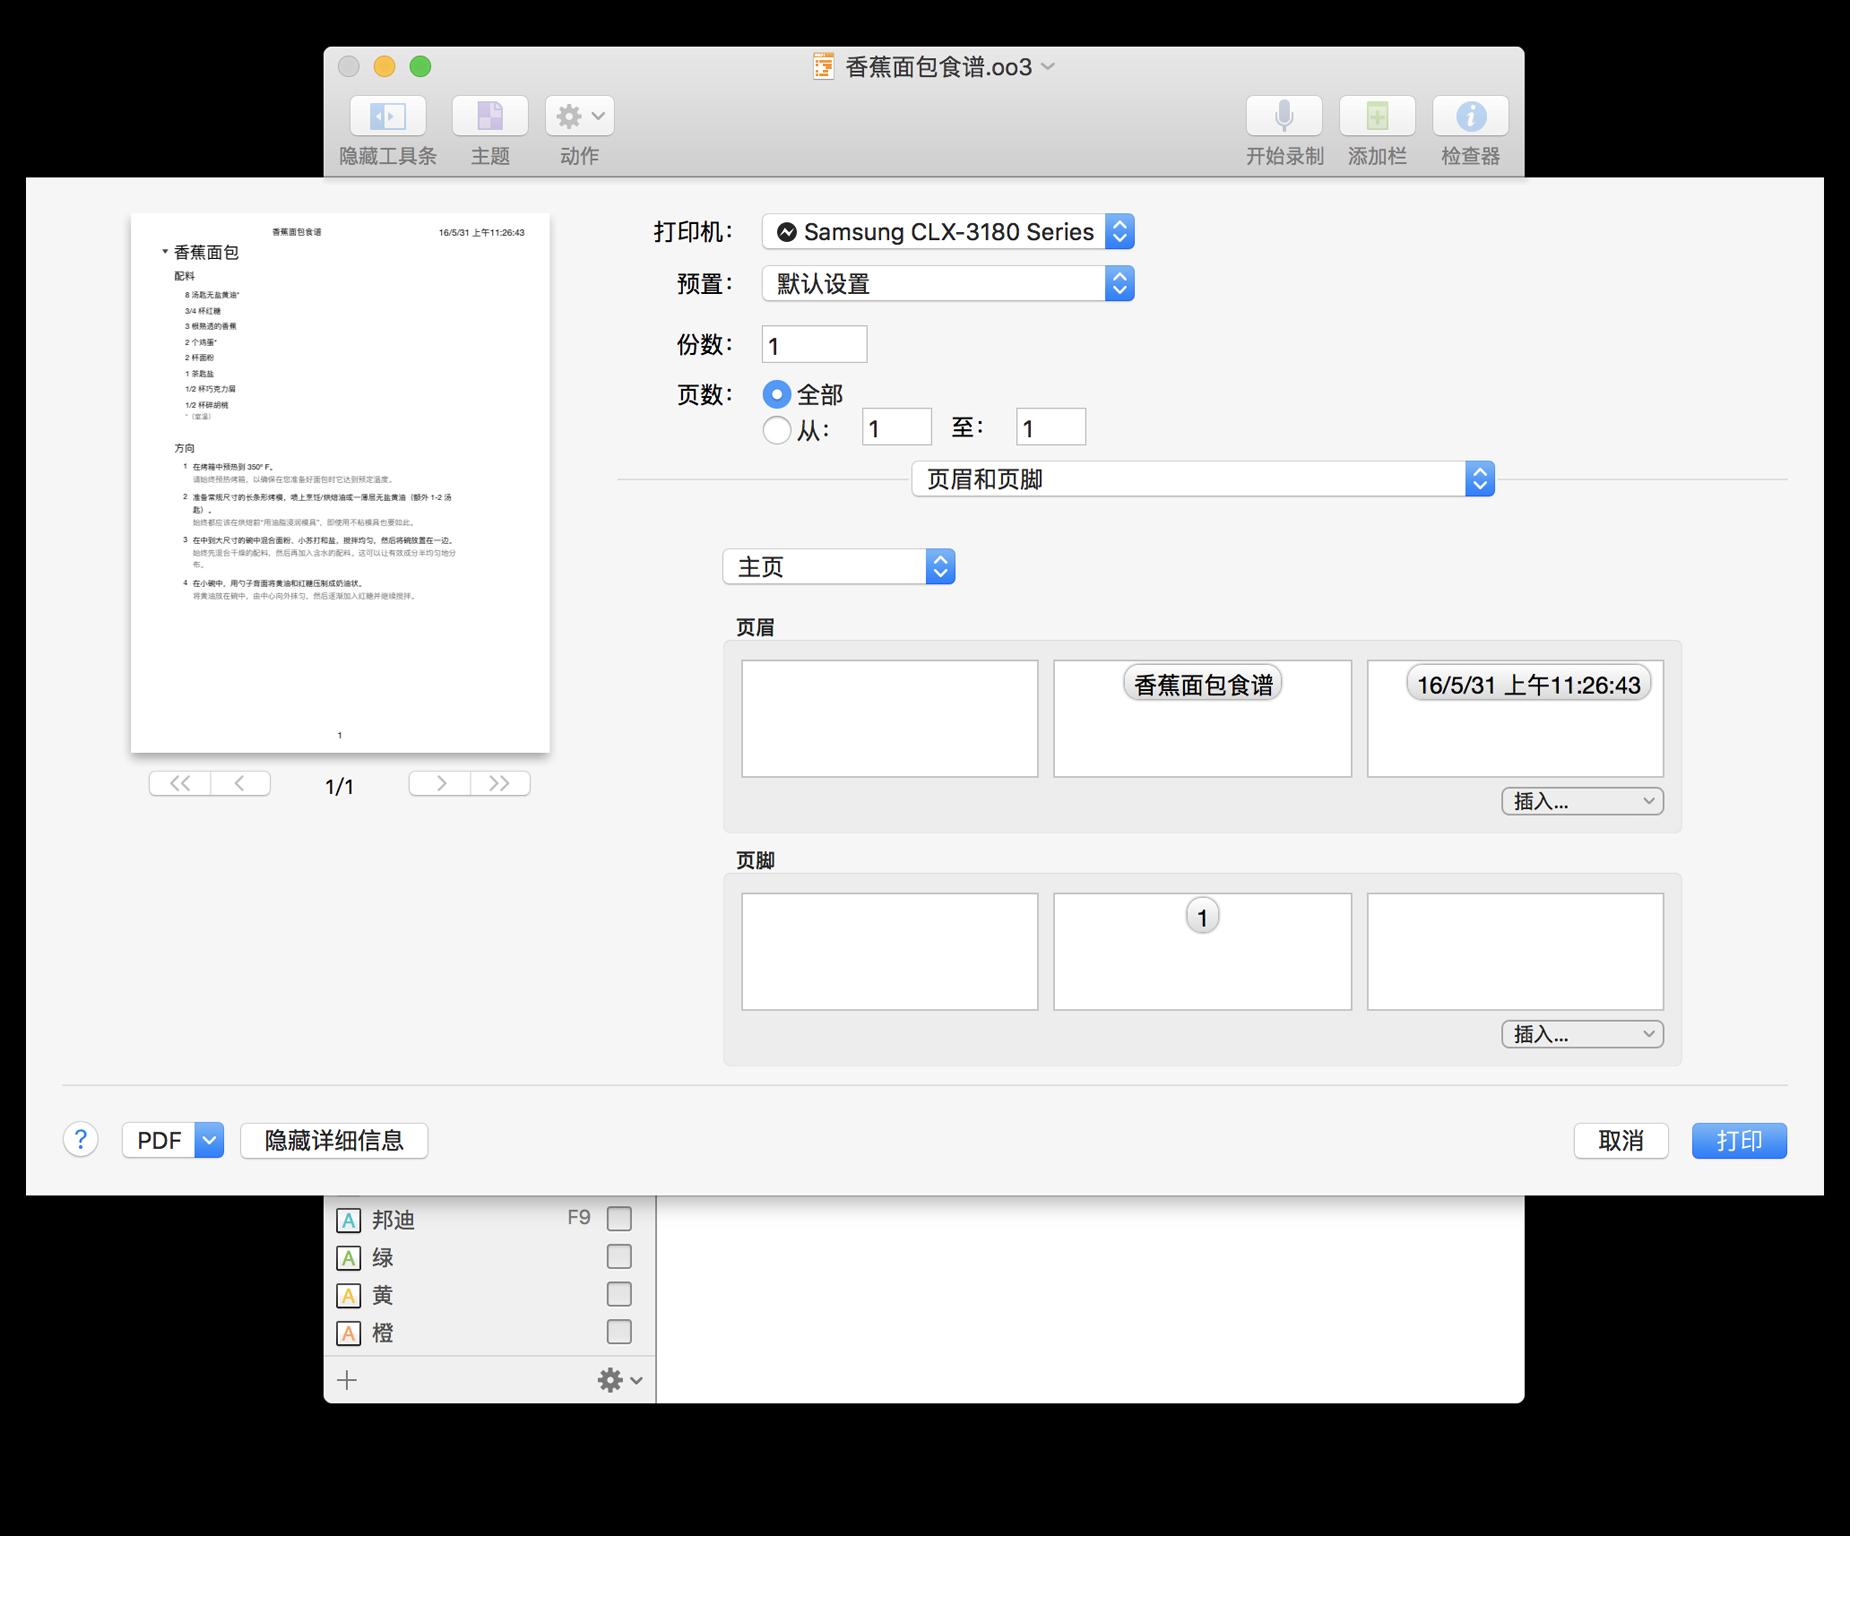 配置在 OmniOutliner 文稿上打印页眉和页脚的方法示例